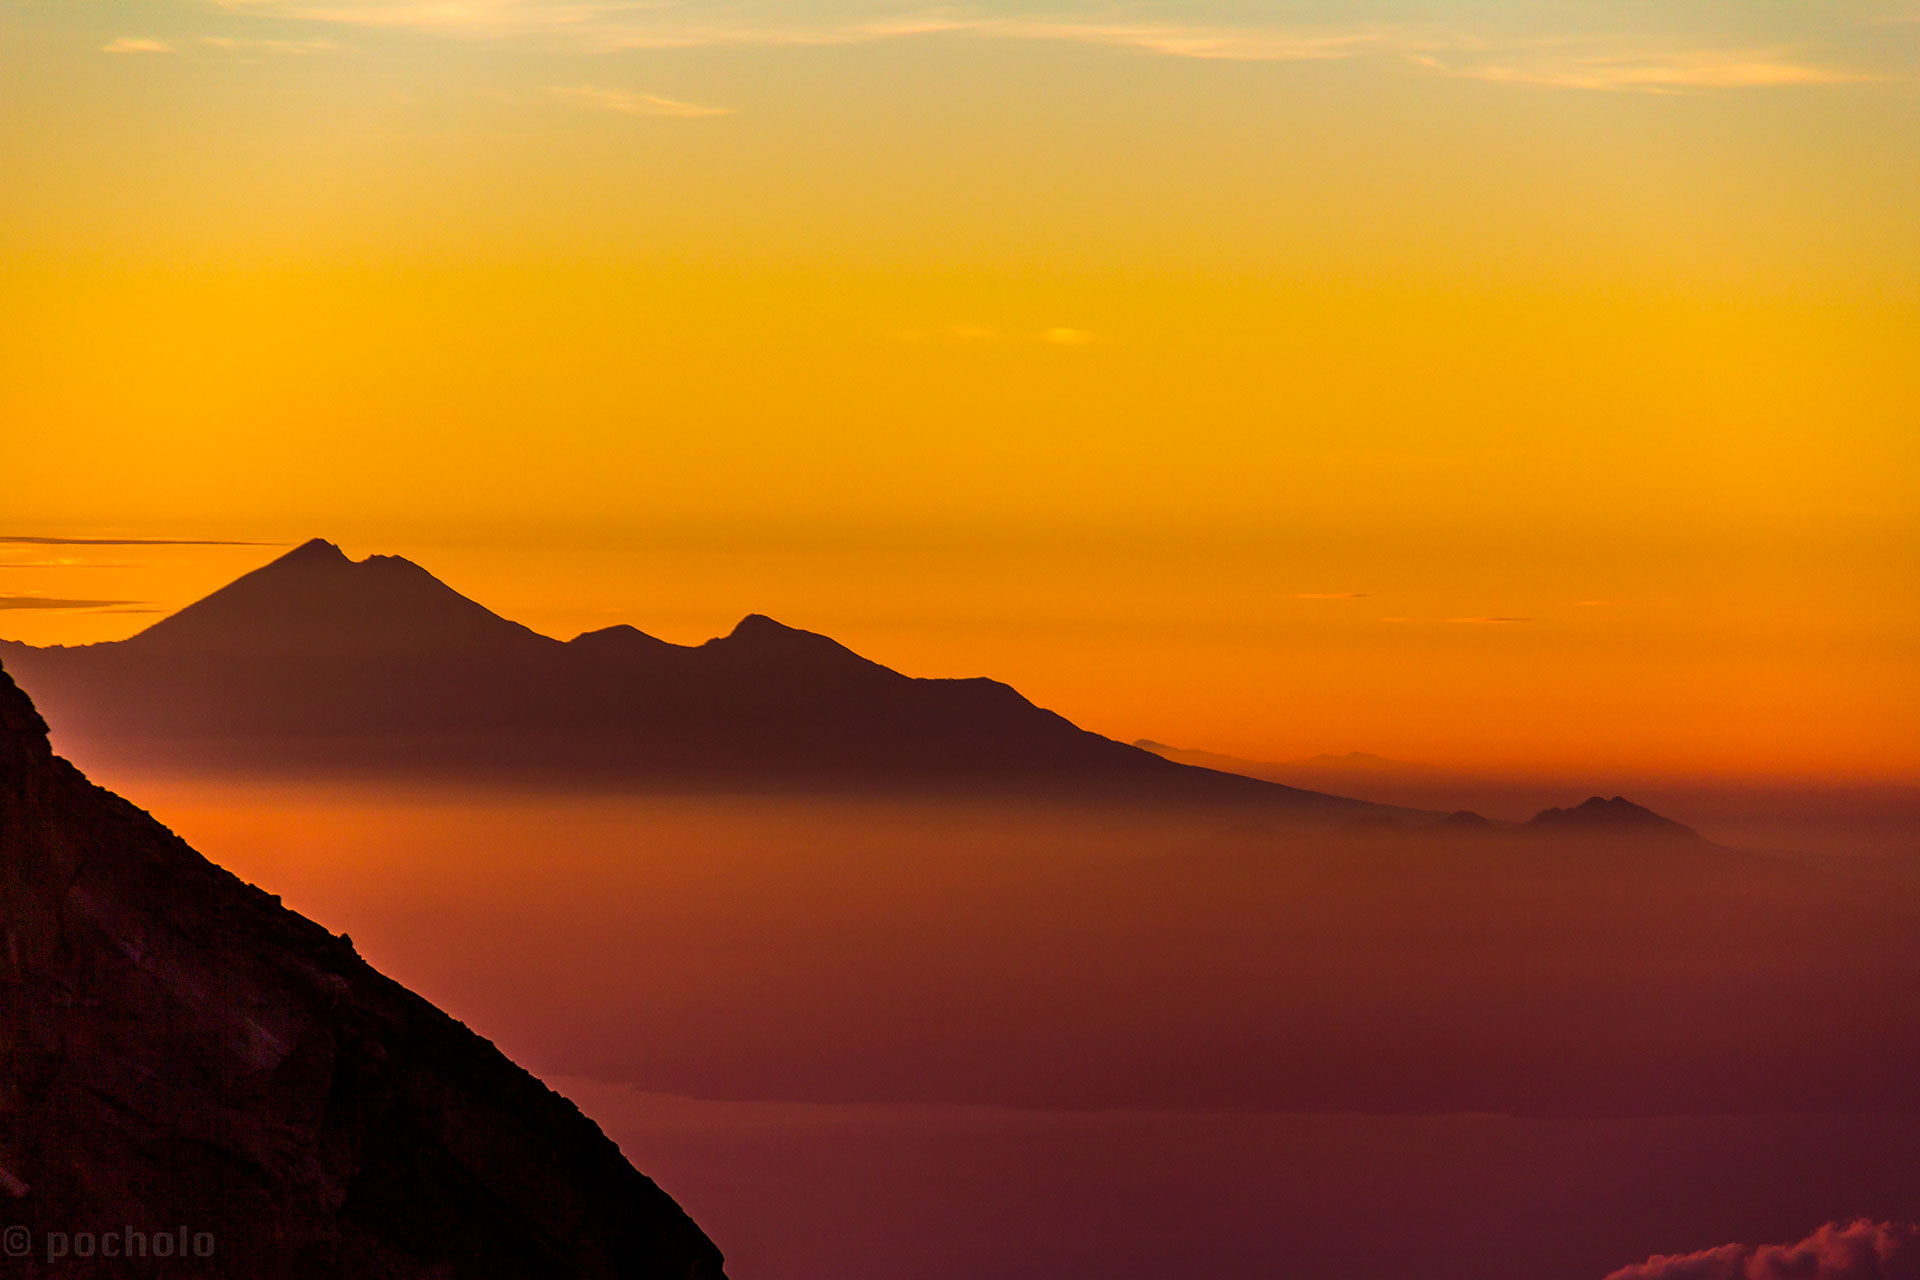 MONTE AGUNG - INDONESIA: Es un estratovolcán ubicado en la Isla de Bali en Indonesia. Con 3142 metros de altura, está lejos de parecer una estructura rocosa cónica